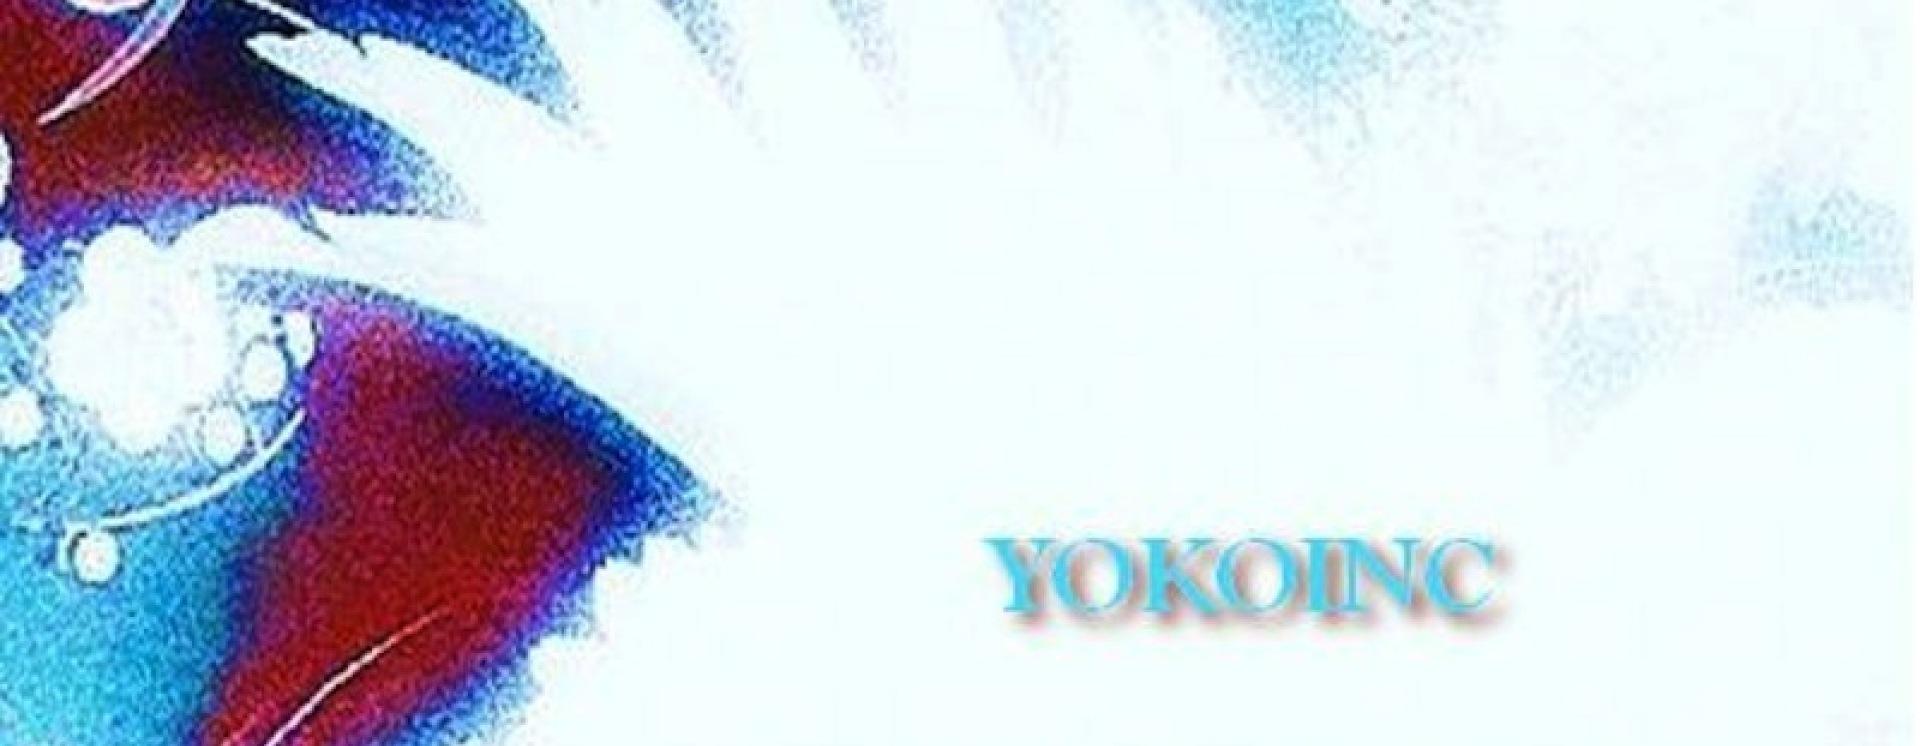 1425970225 yokoinc front cover copy